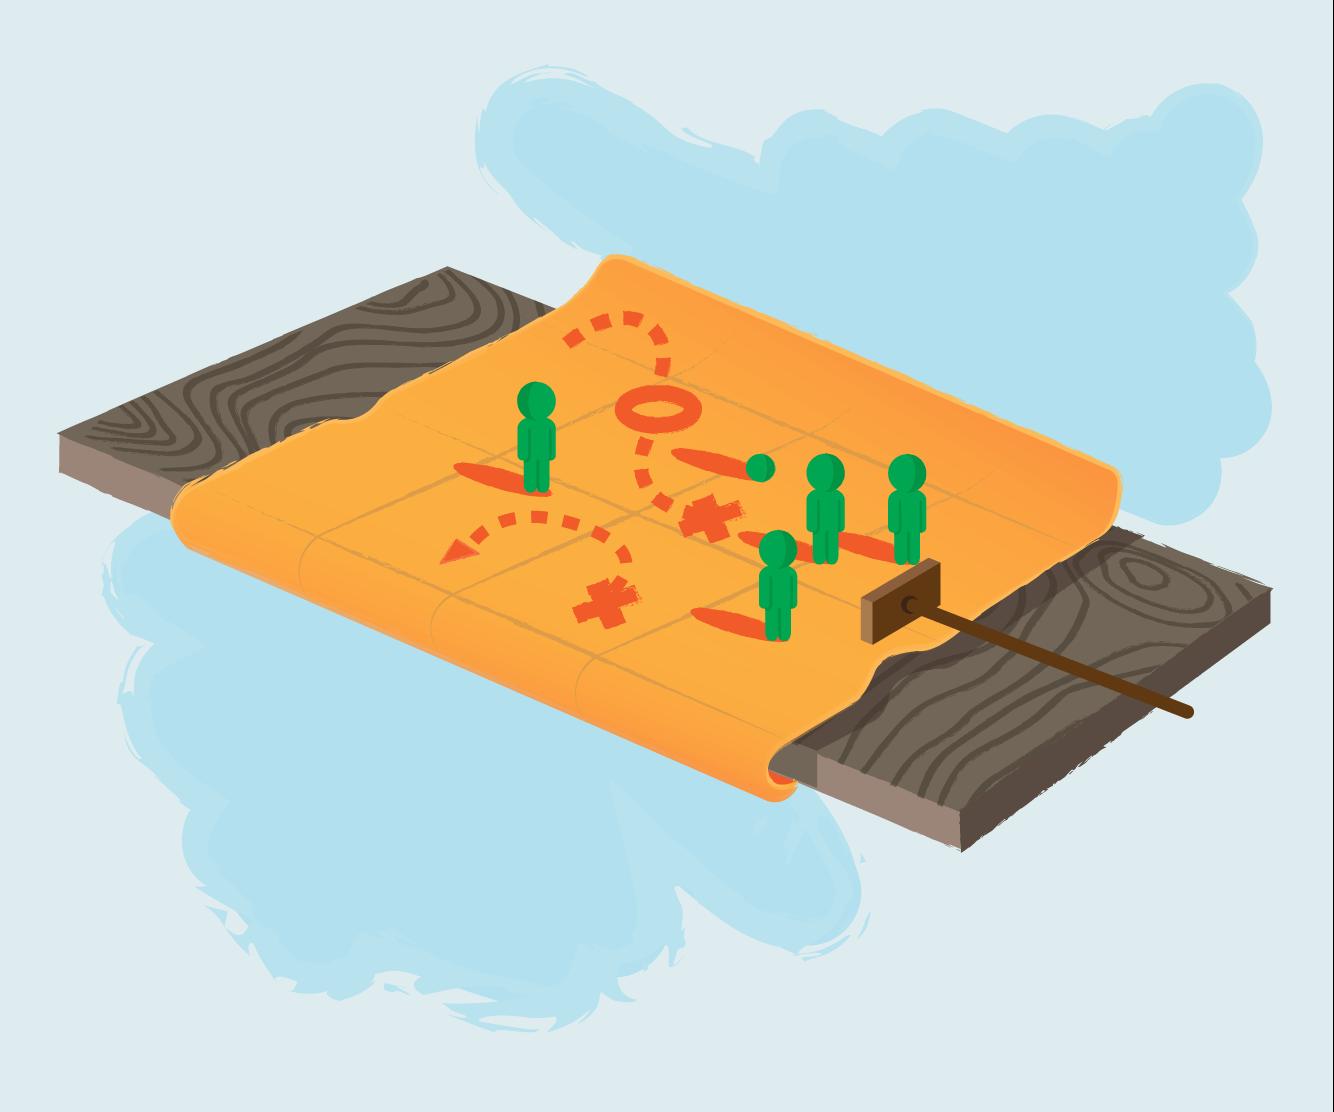 teamfluent-blogpost-illustration-7